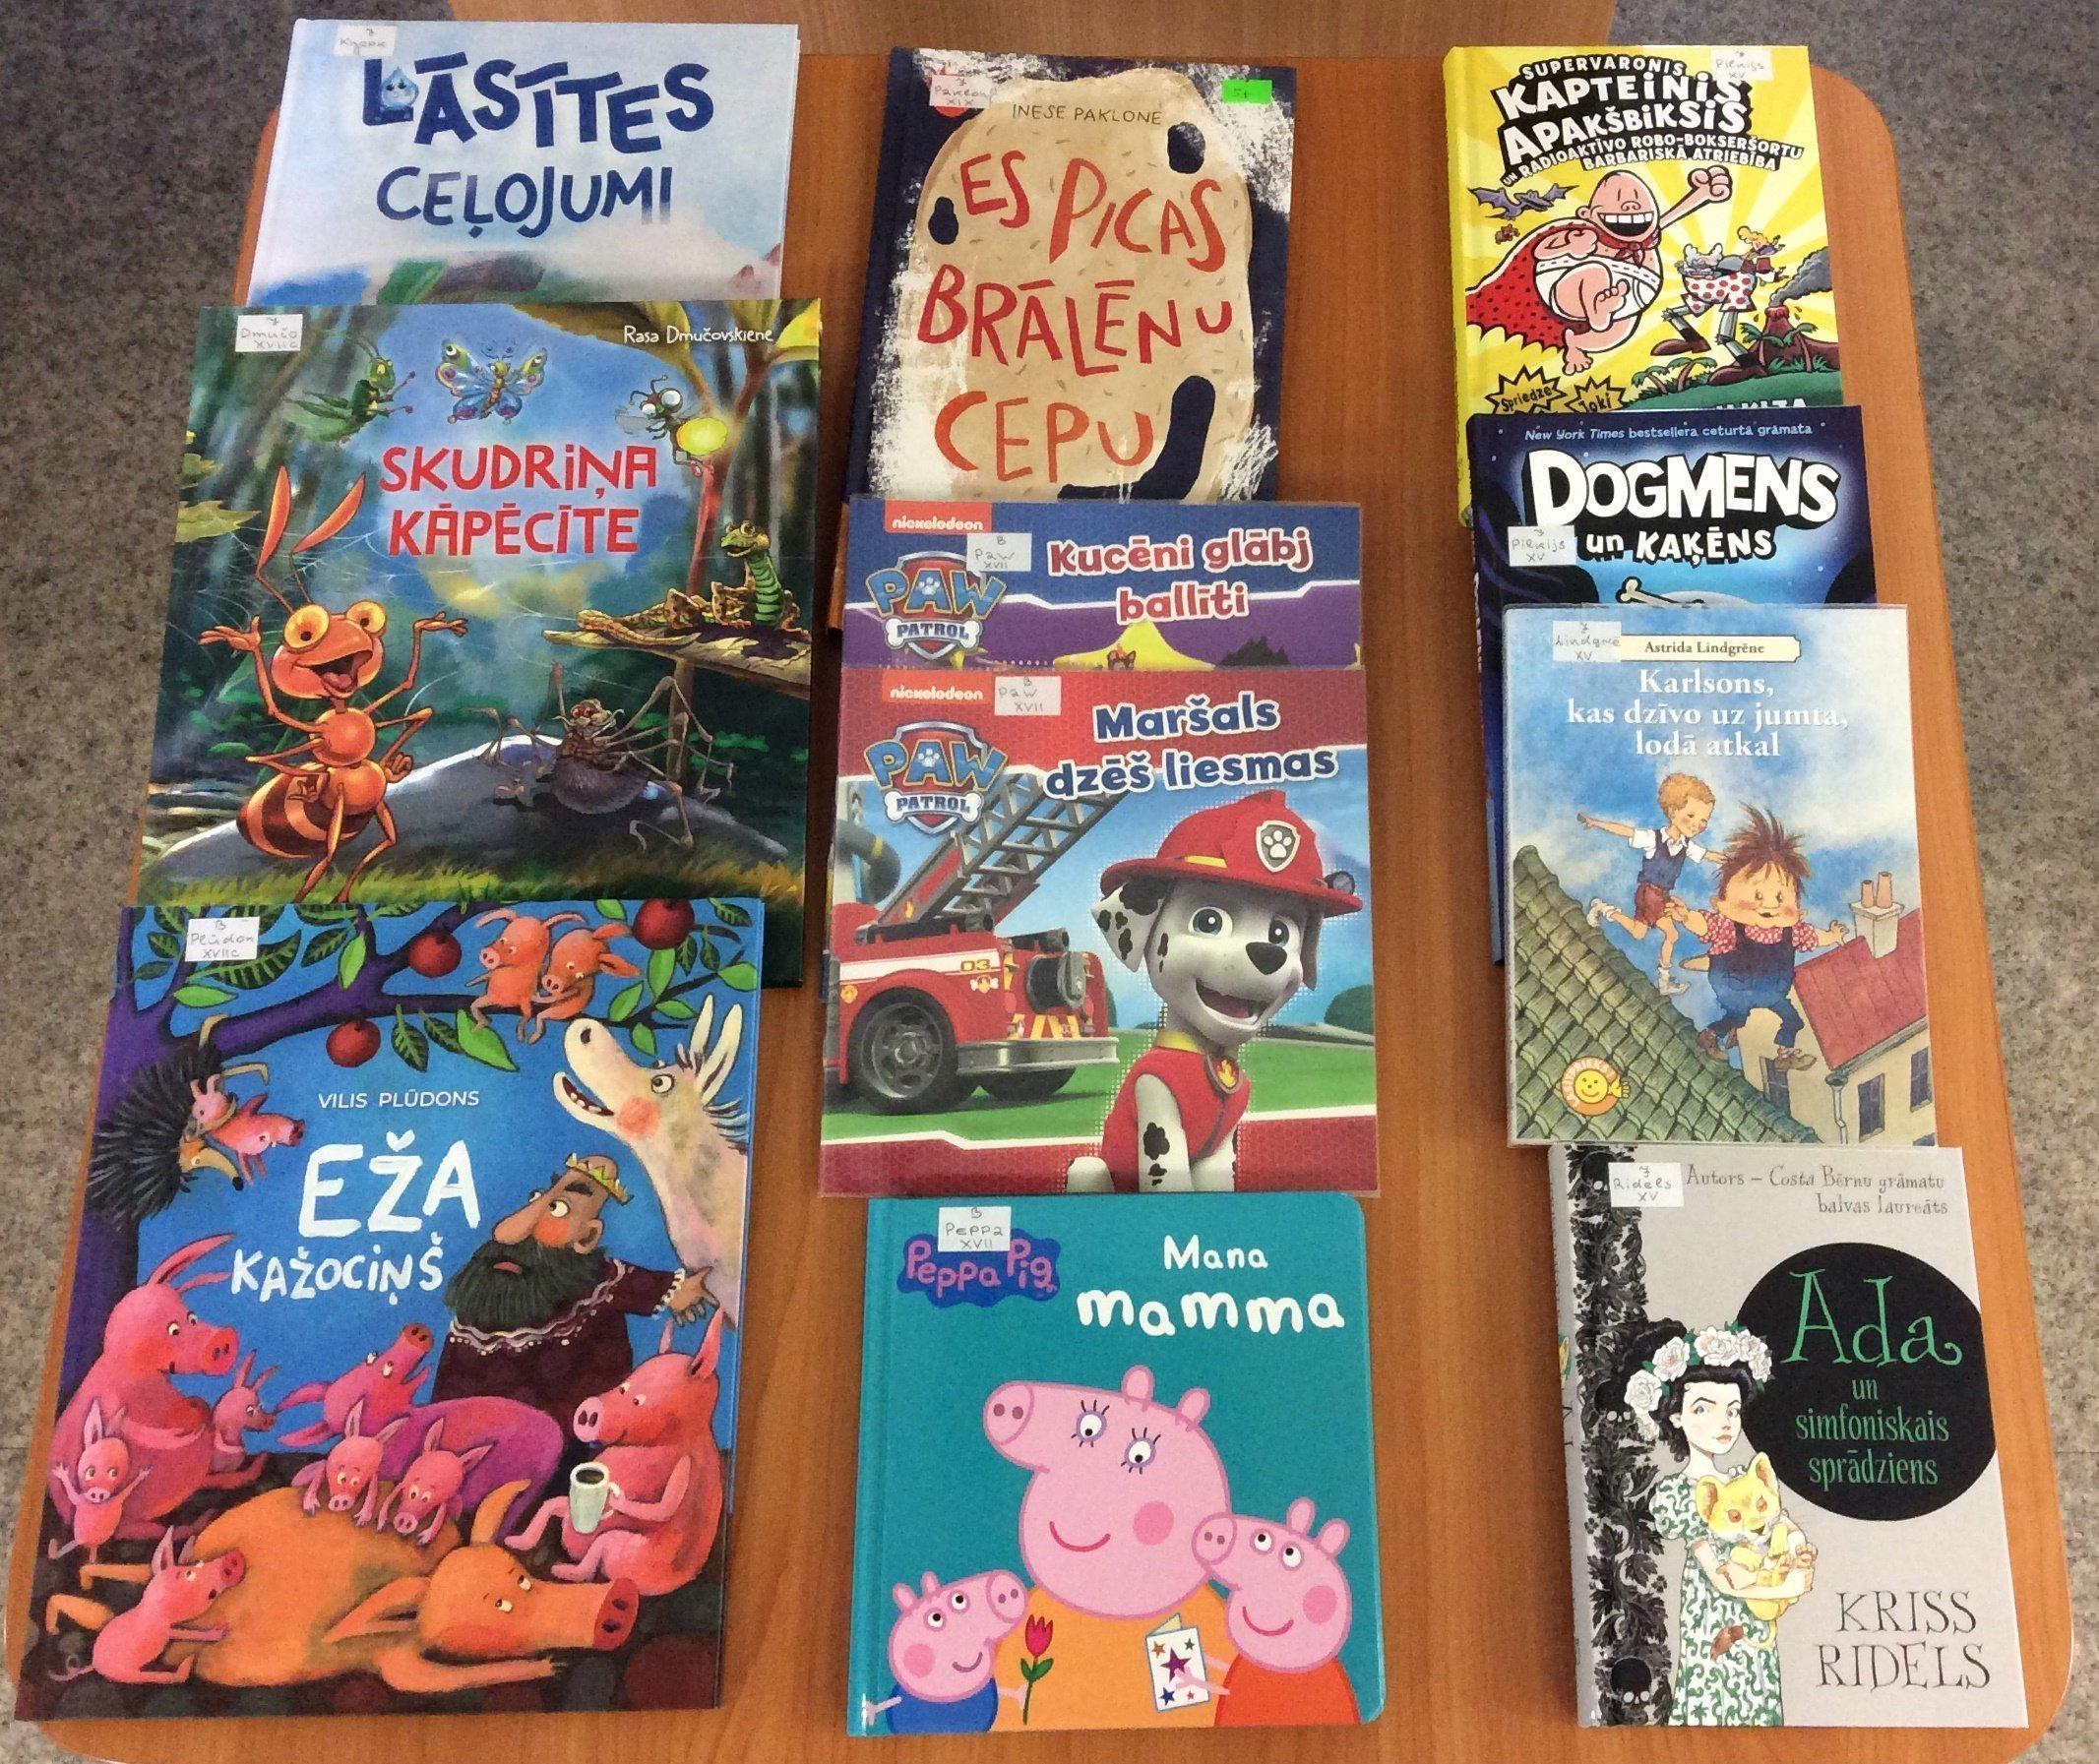 Jaunās grāmatas bērnu nodaļā 2019.g. augustā